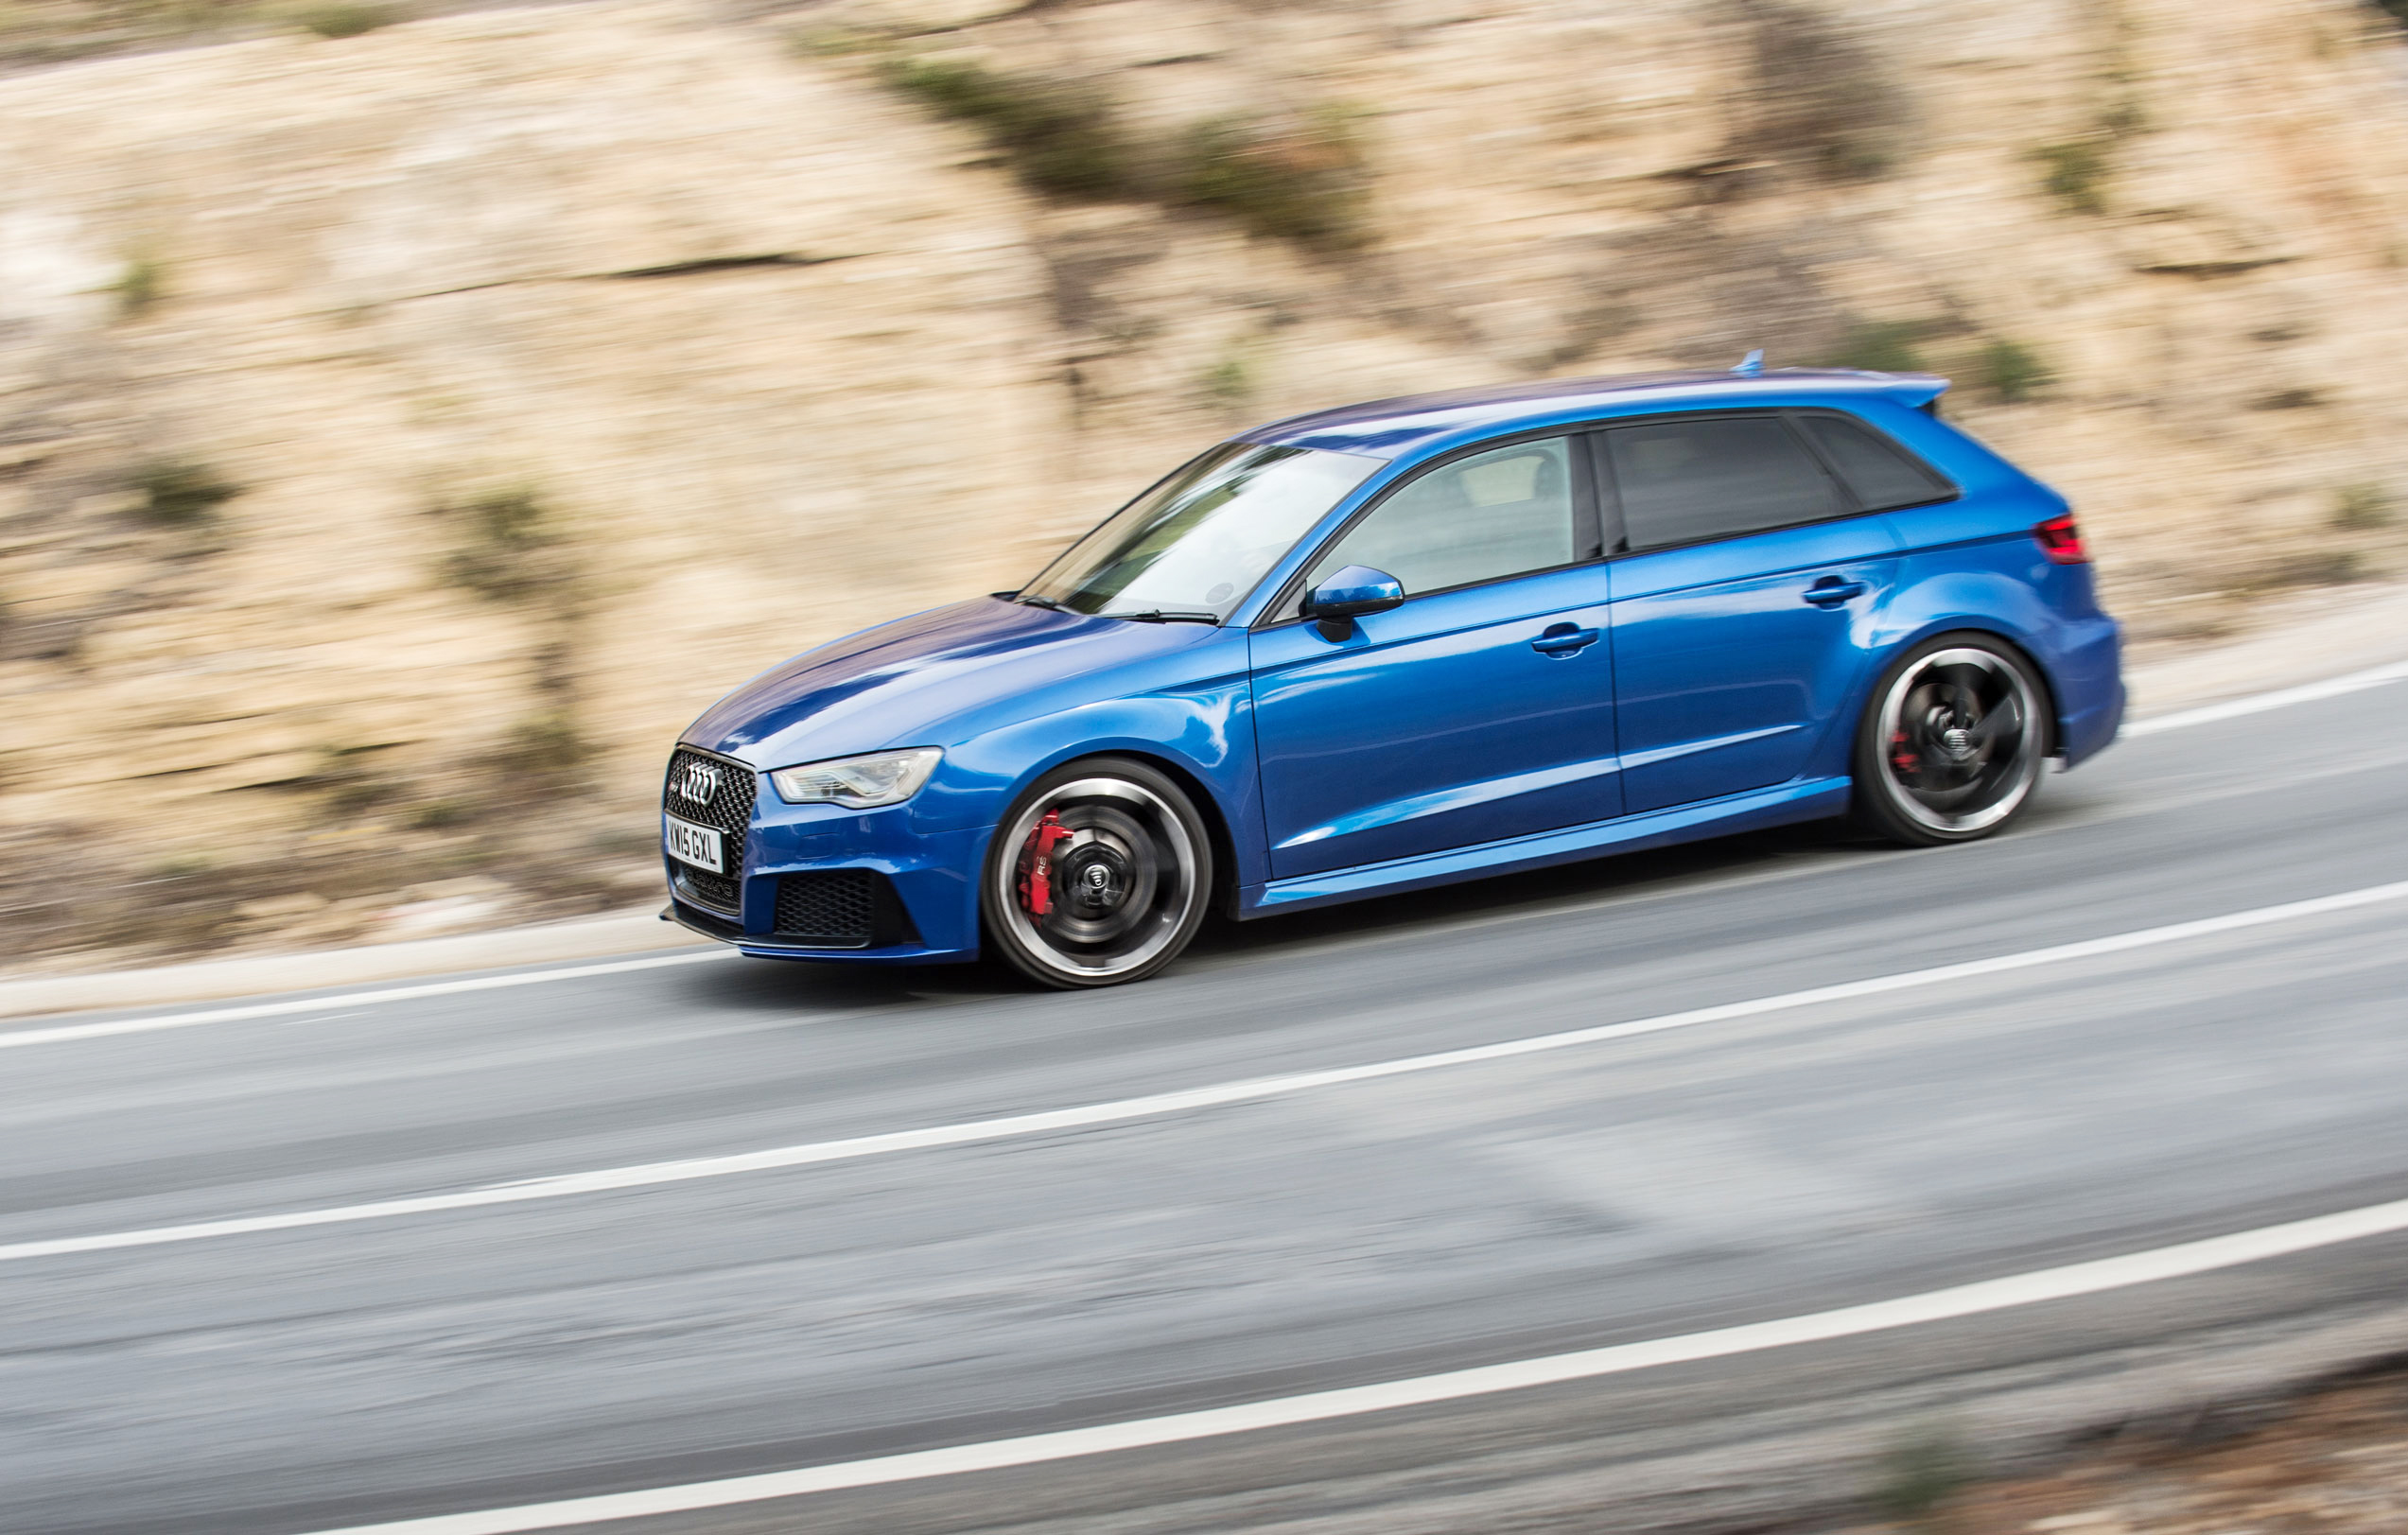 Kelebihan Audi Rs3 2016 Murah Berkualitas